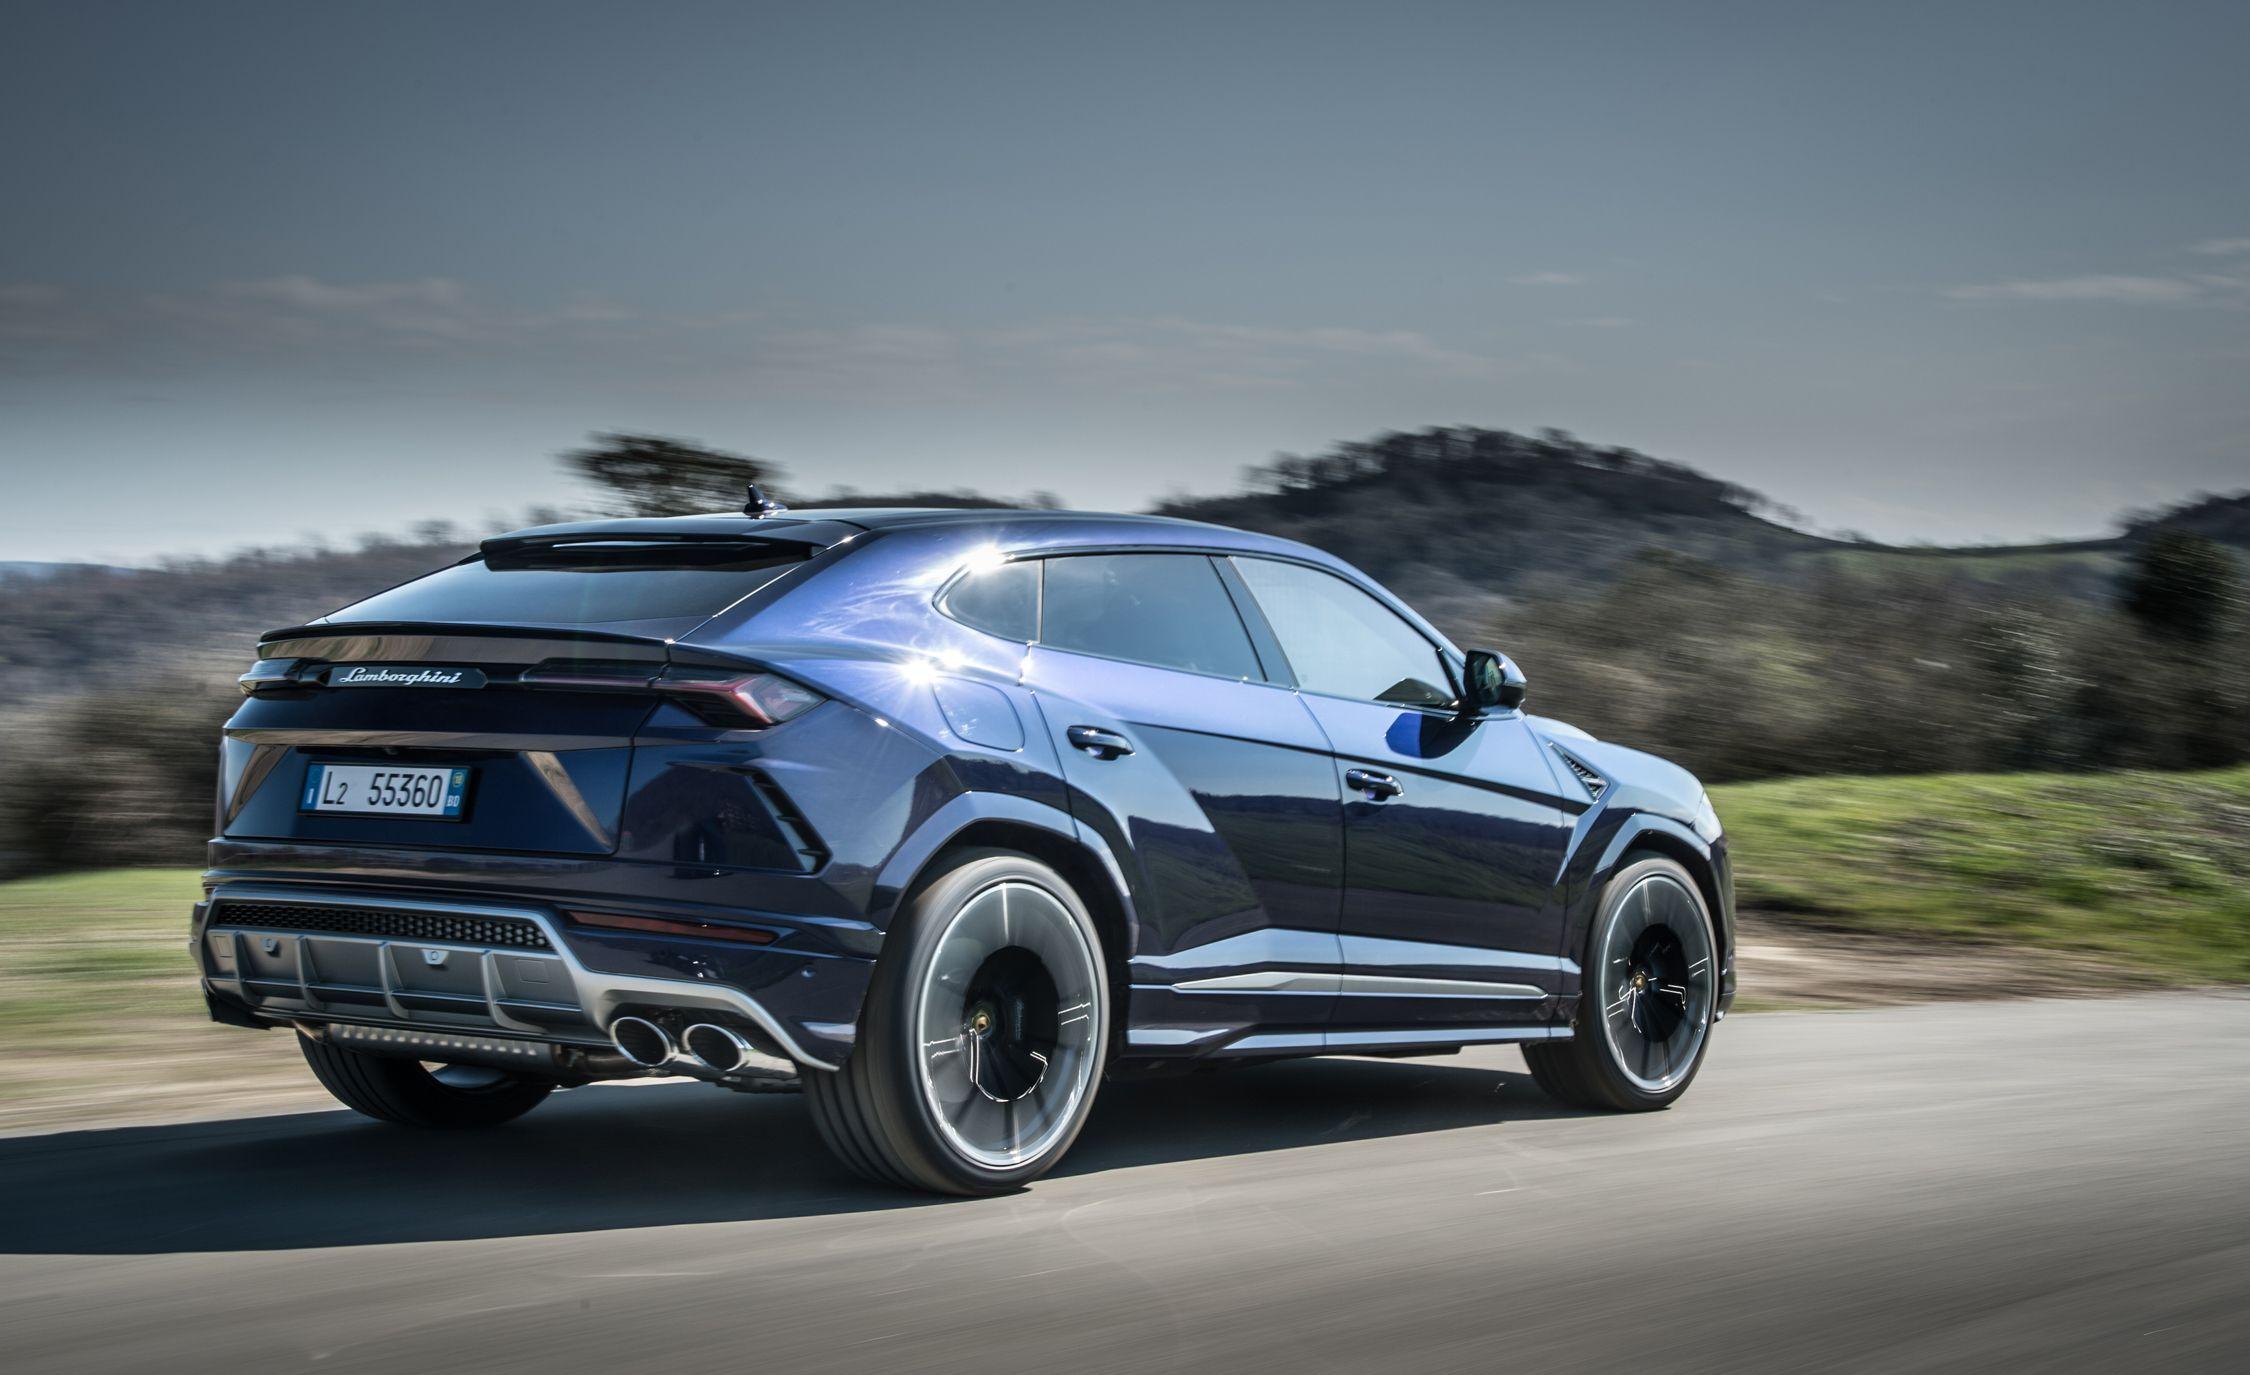 Urus Lamborghini >> Lamborghini Urus Reviews Lamborghini Urus Price Photos And Specs